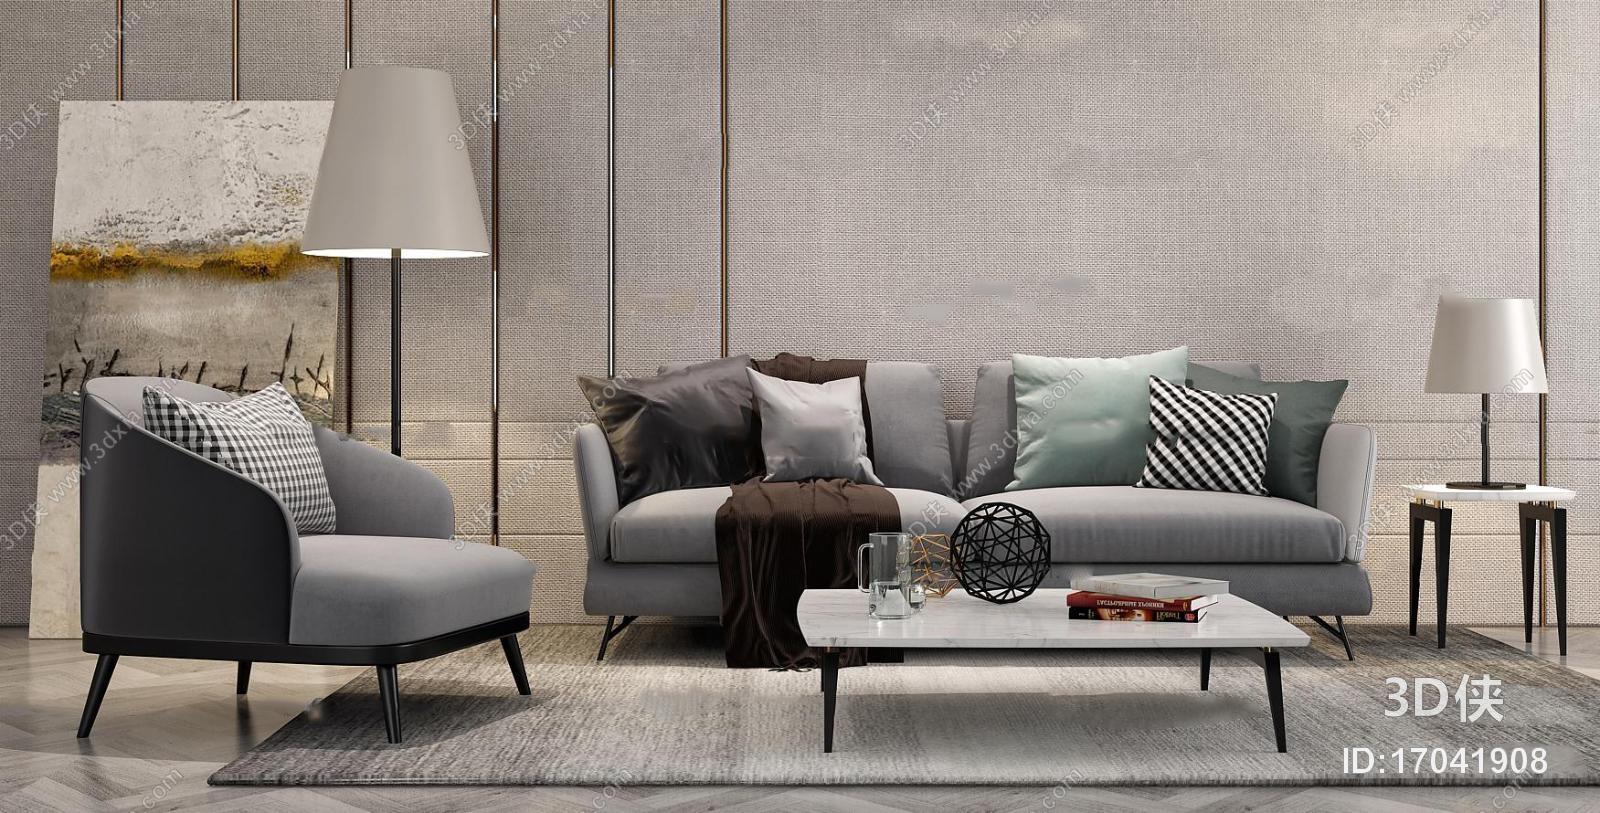 组合沙发效果图素材免费下载,本作品主题是 现代沙发茶几落地灯组合3d